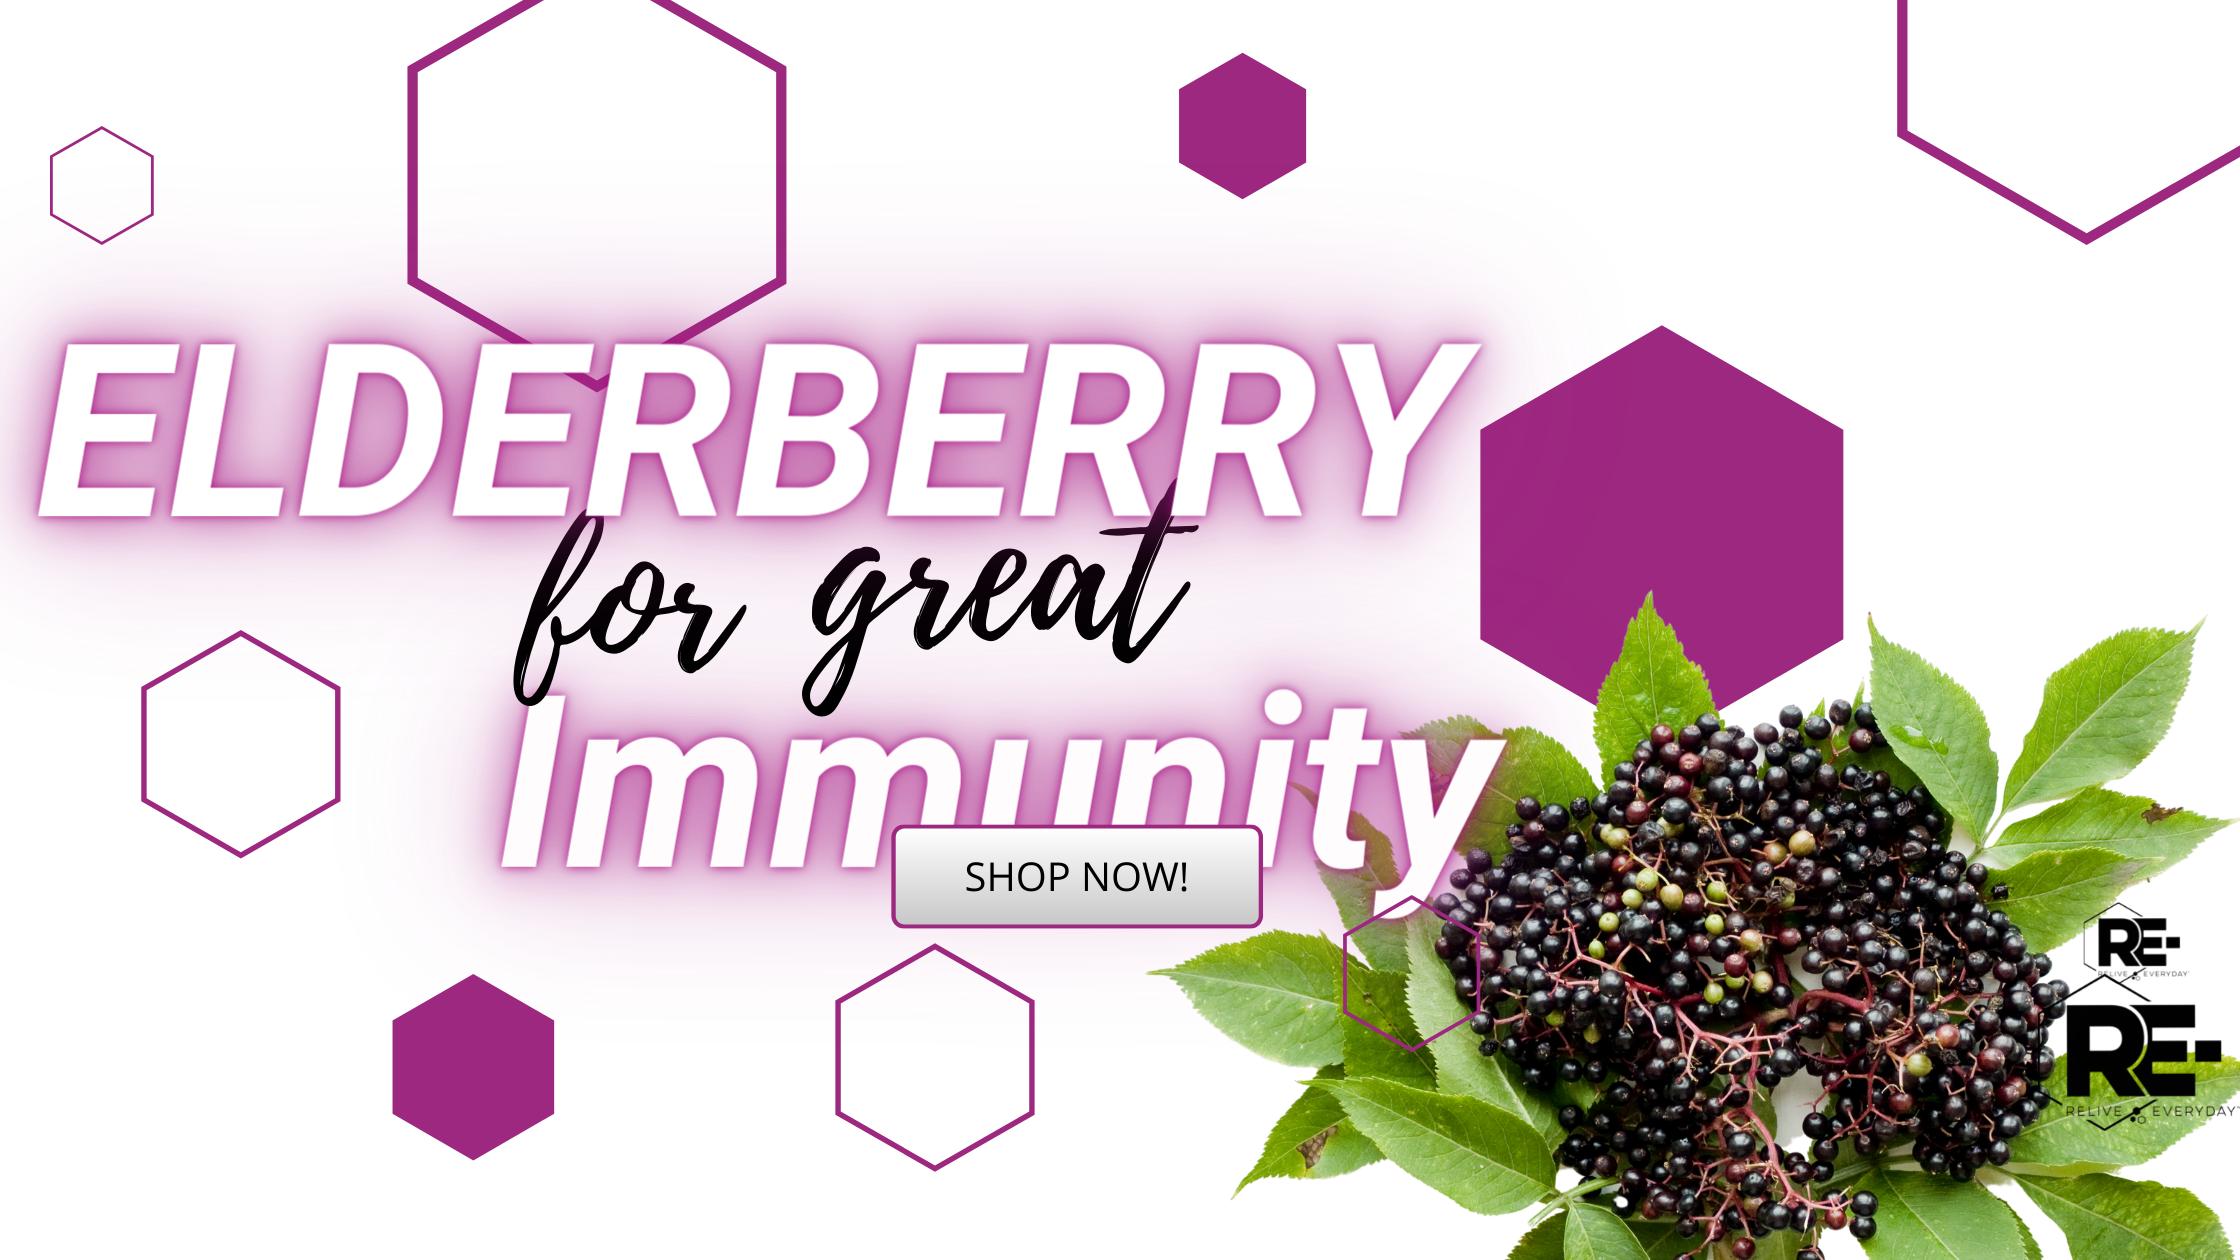 ELDERBERRY FOR GREAT IMMUNITY Banner